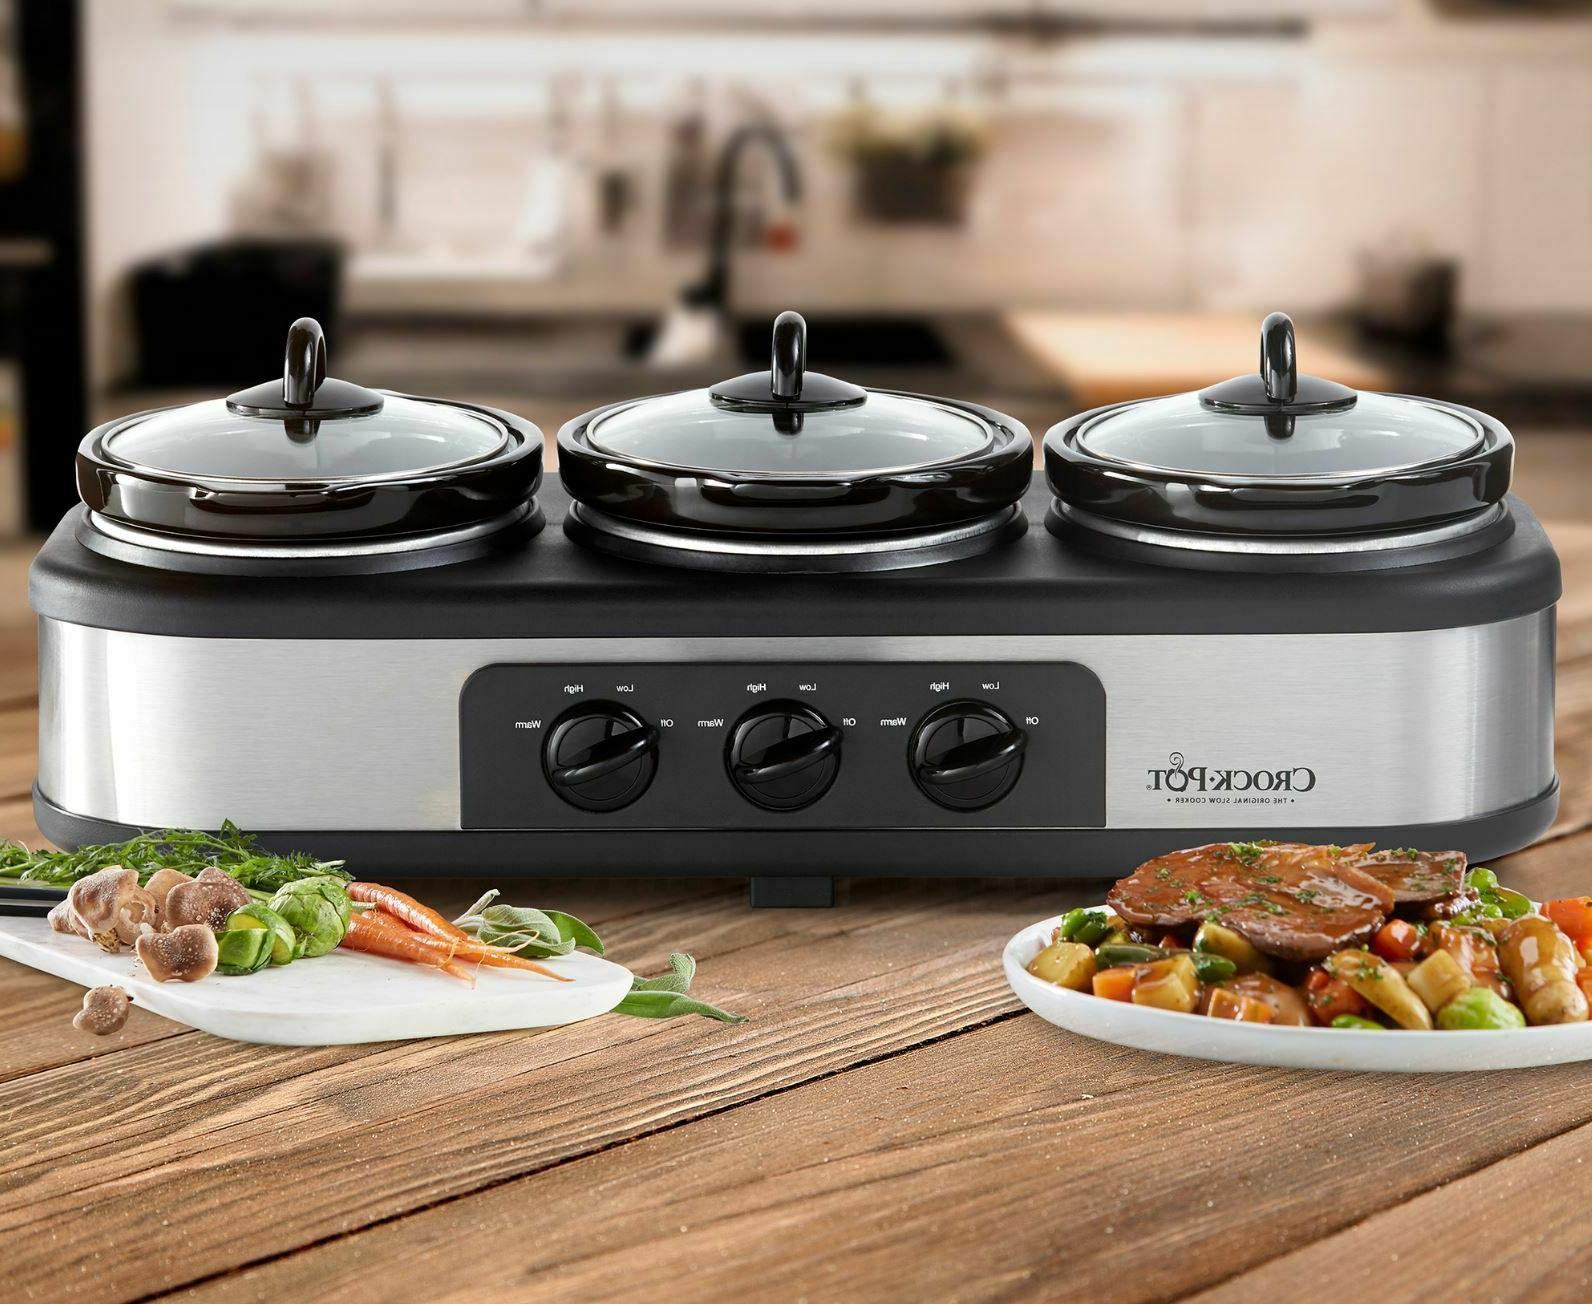 crock pot triple slow cooker stainless steel